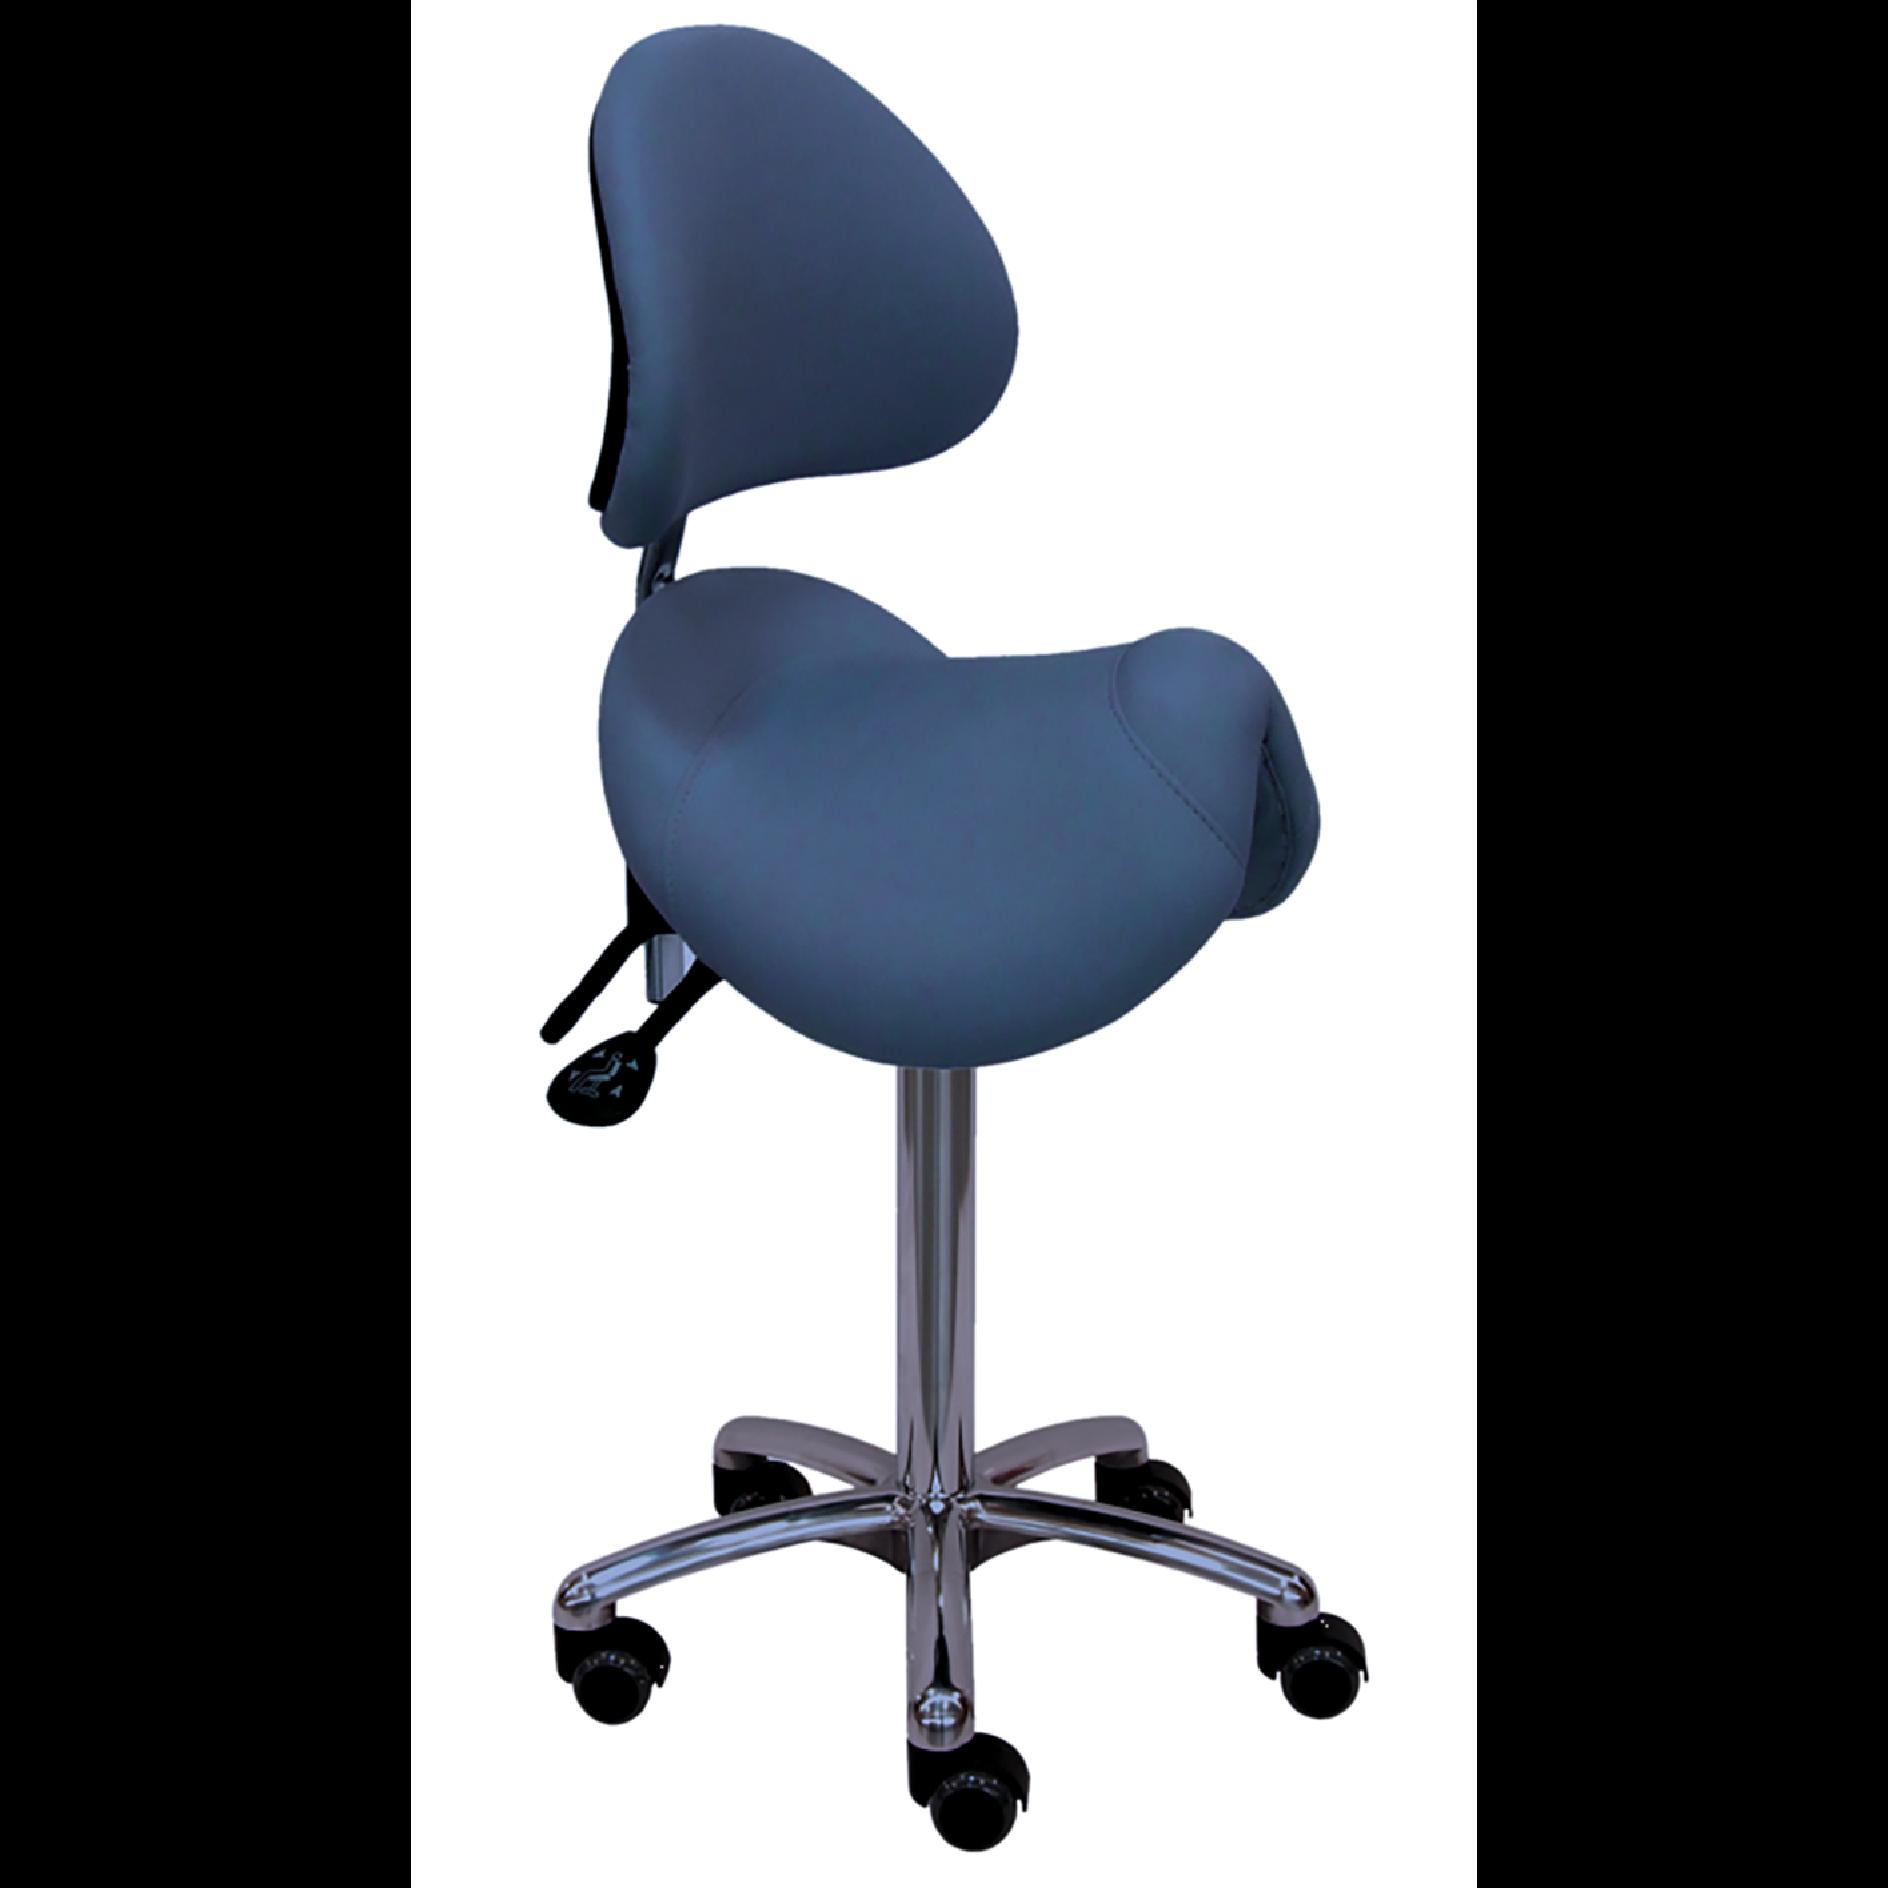 Siège selle de cheval IOWA bleu avec assise large suspendue par ressorts linéaires